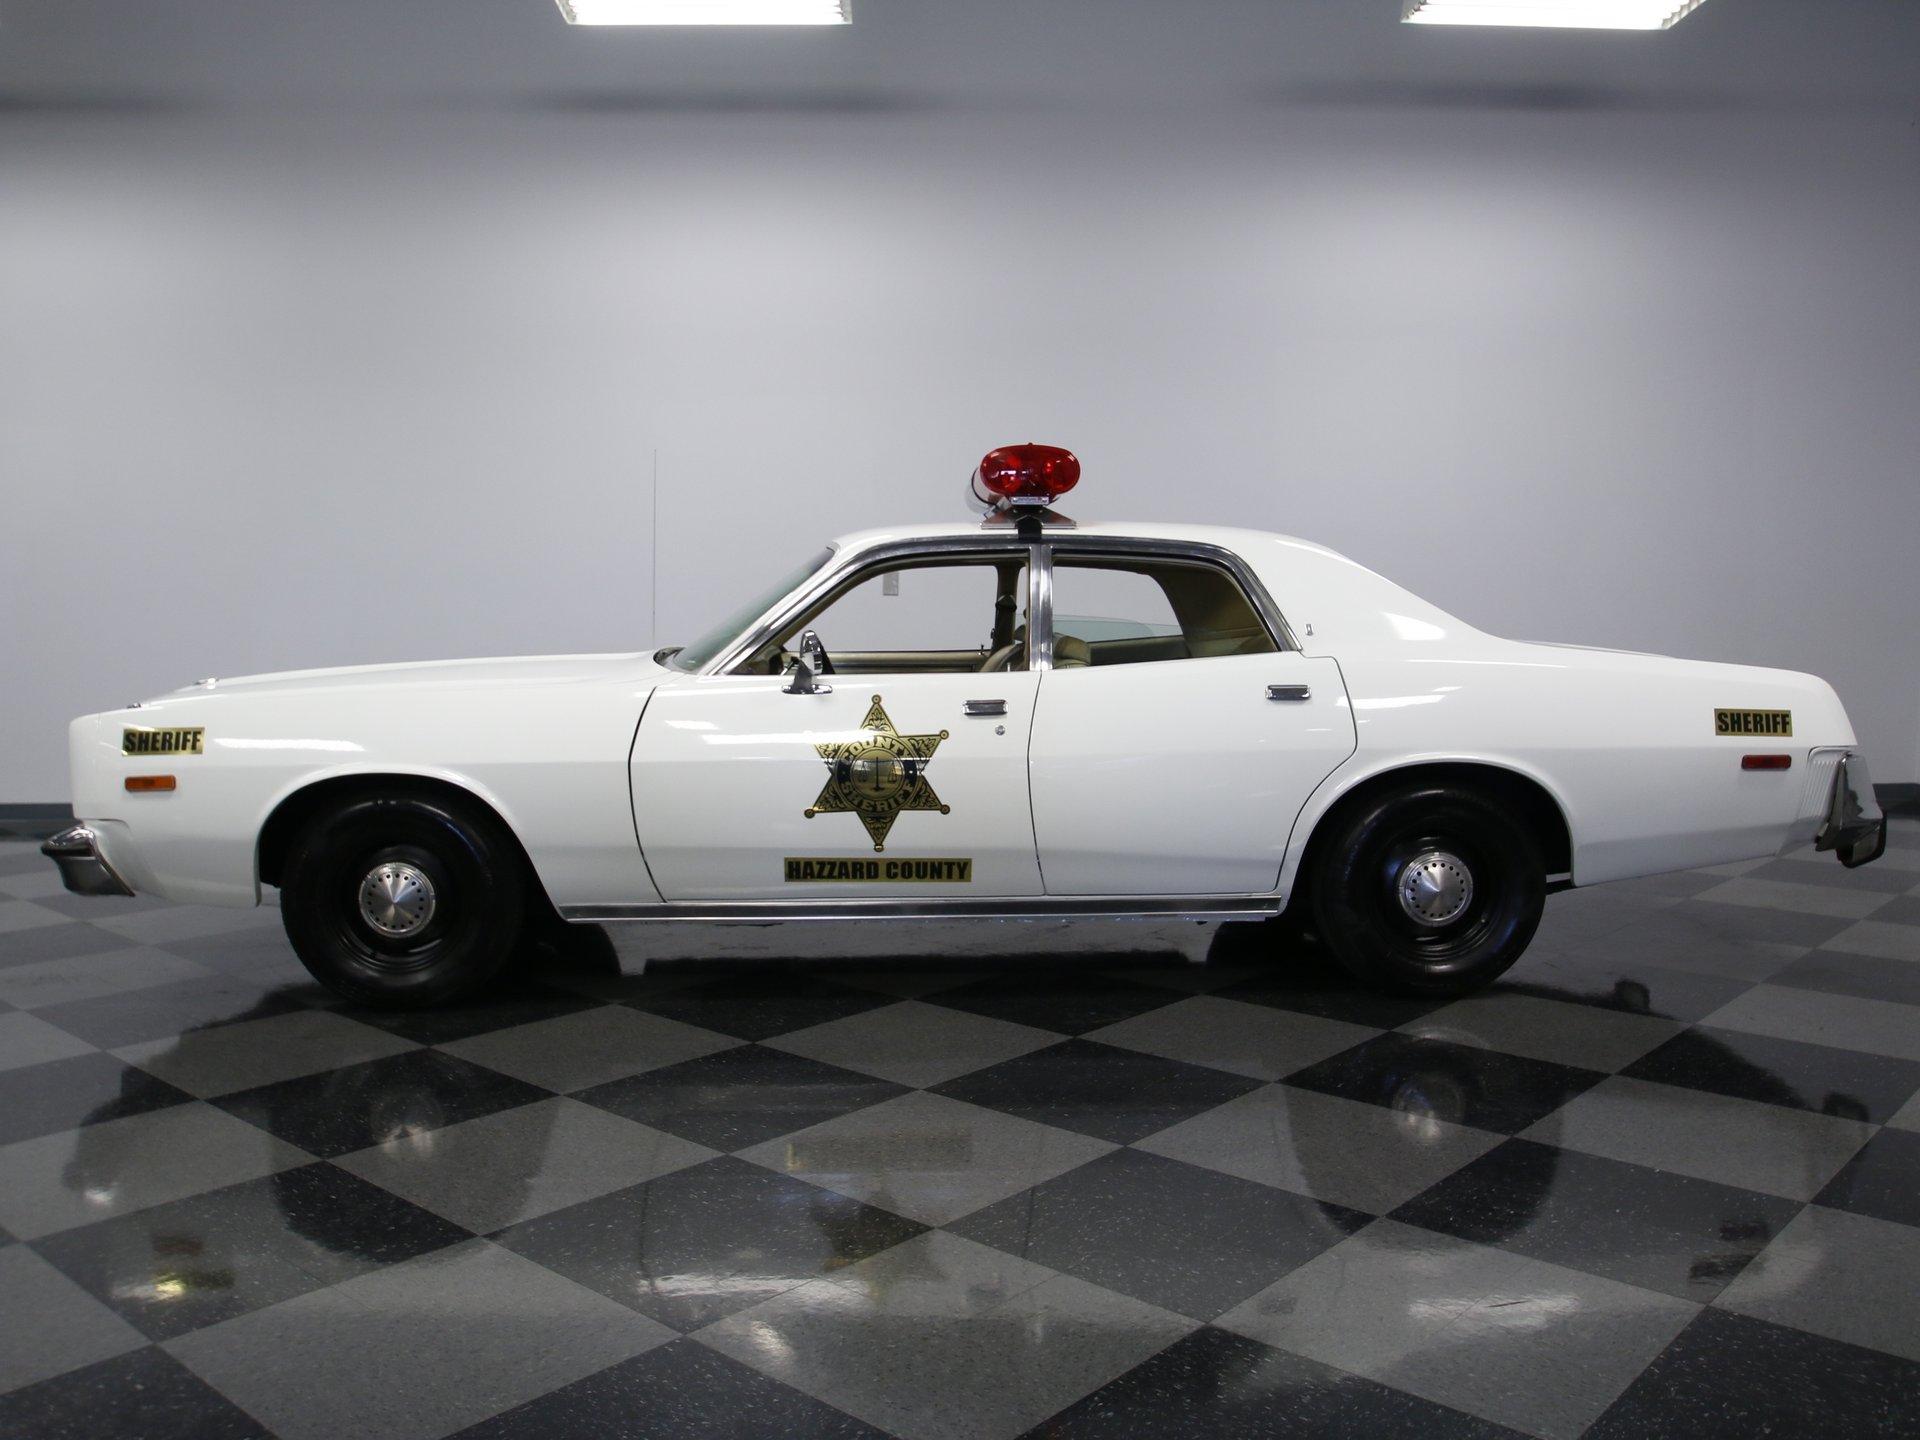 1977 plymouth fury hazzard co police cruiser